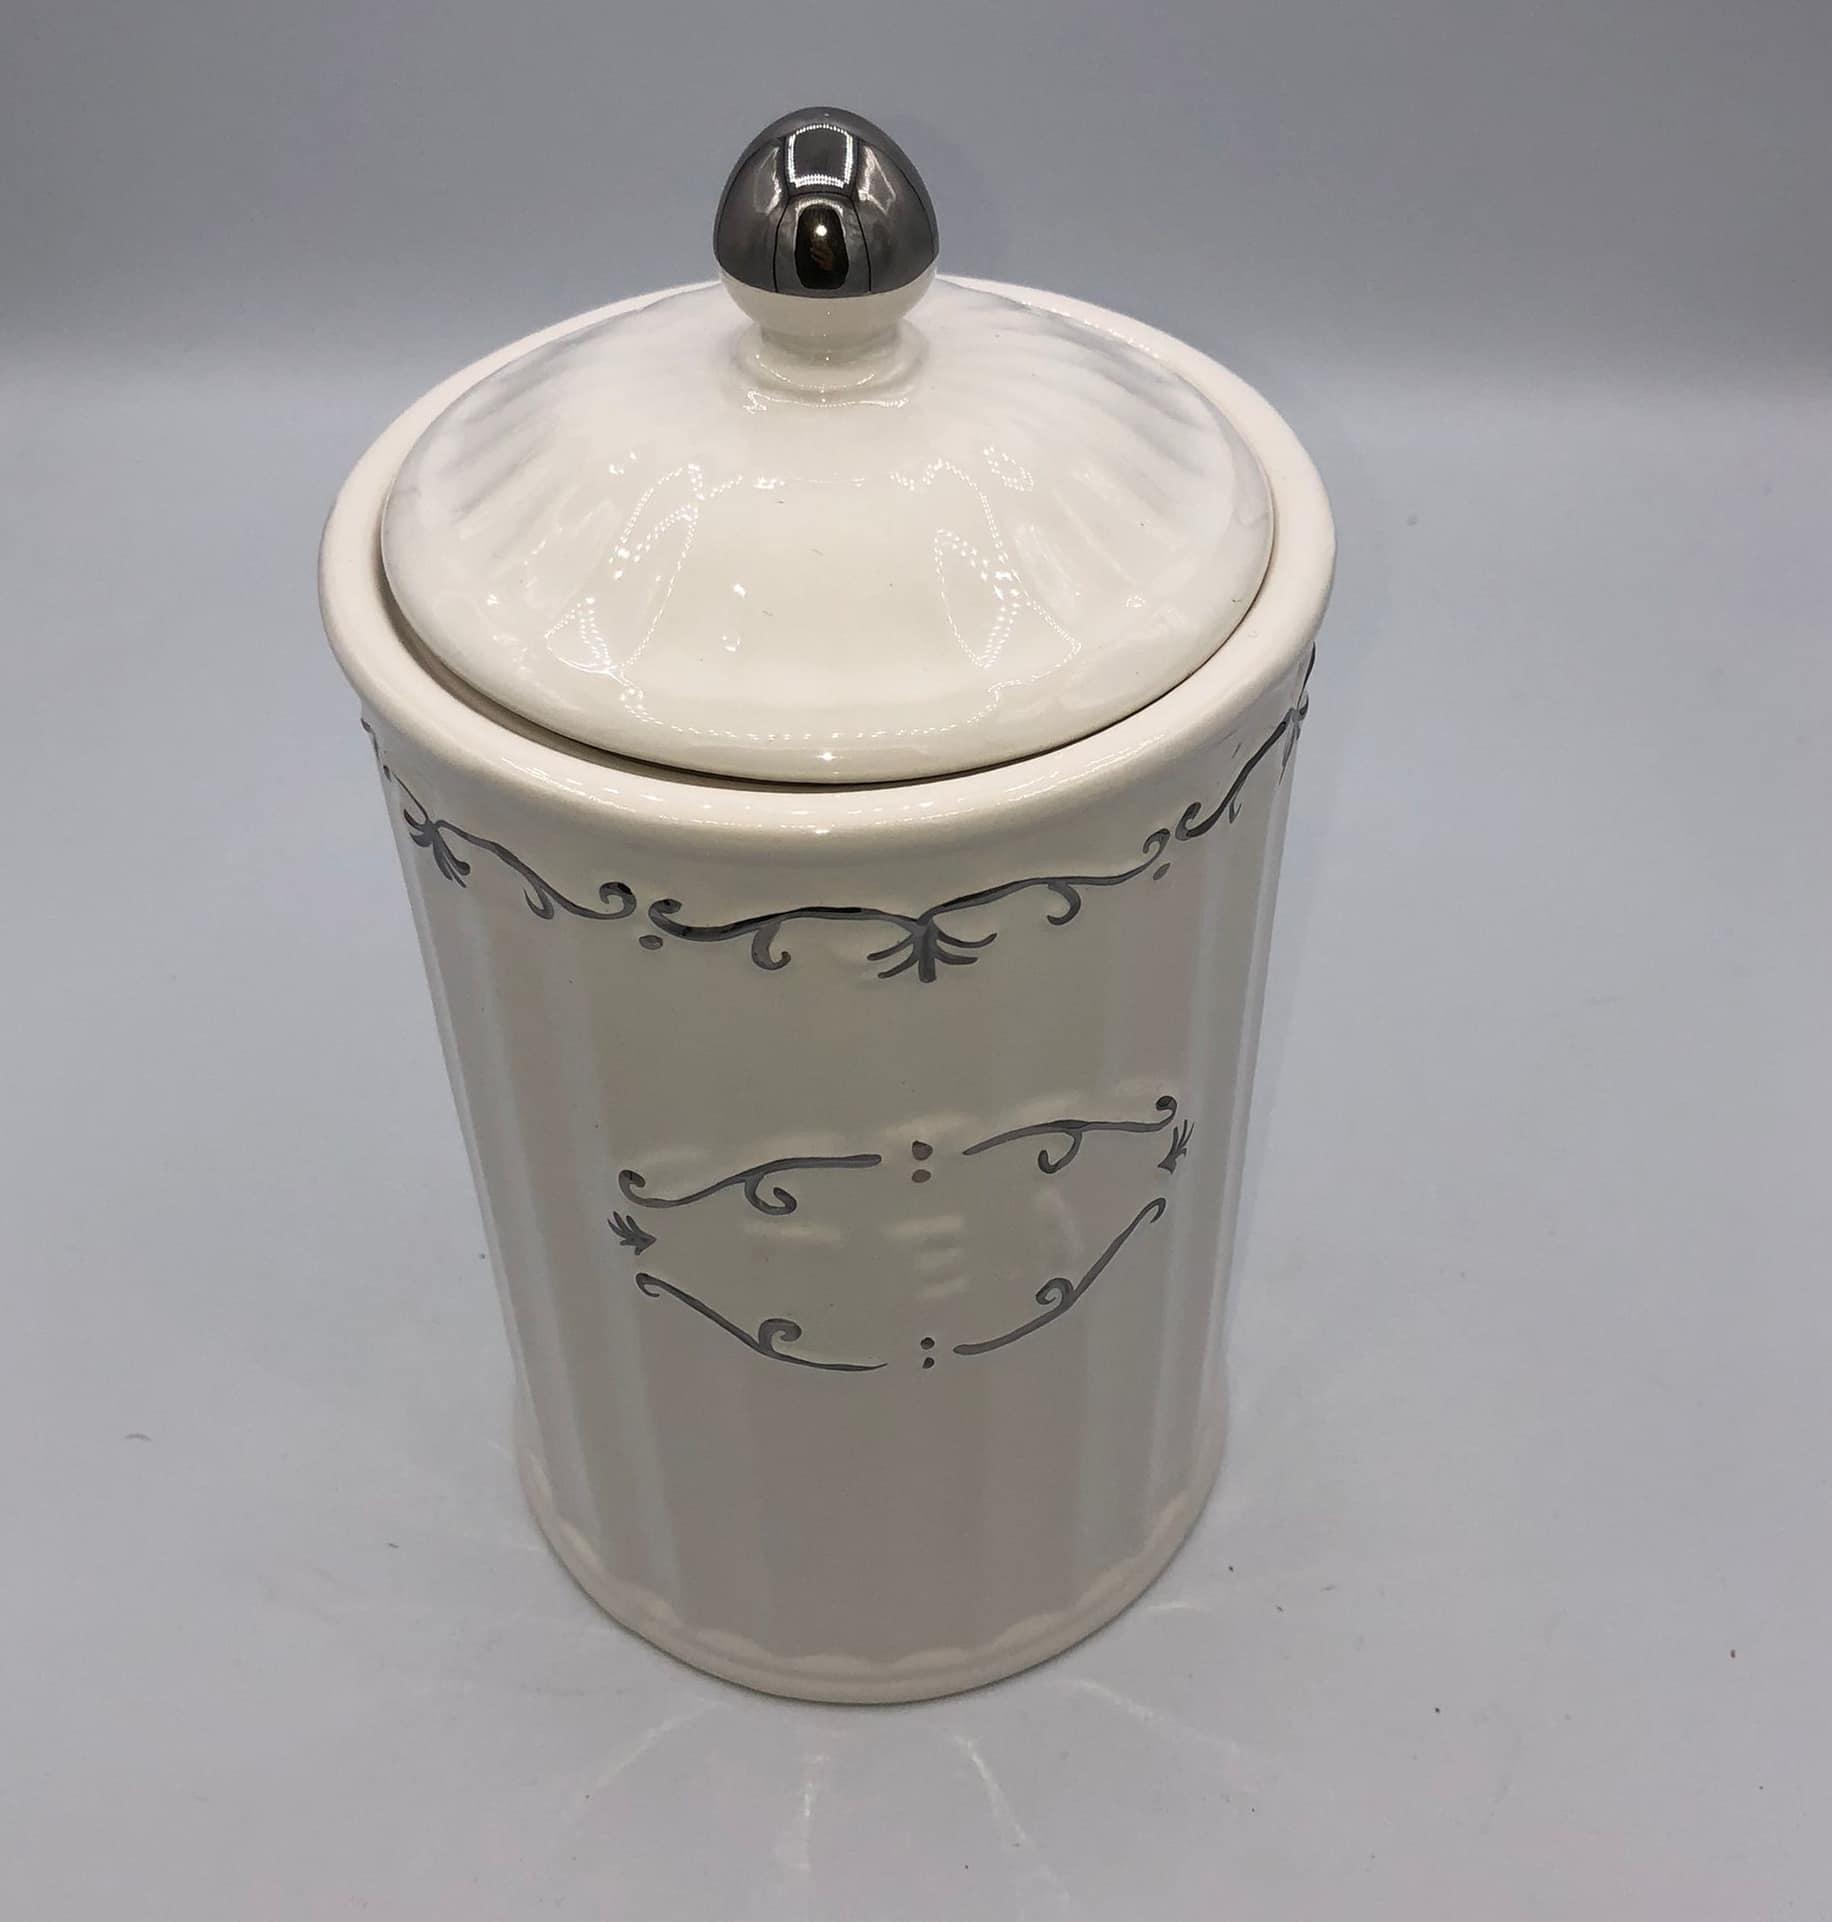 Bote de ceramica decorada 2